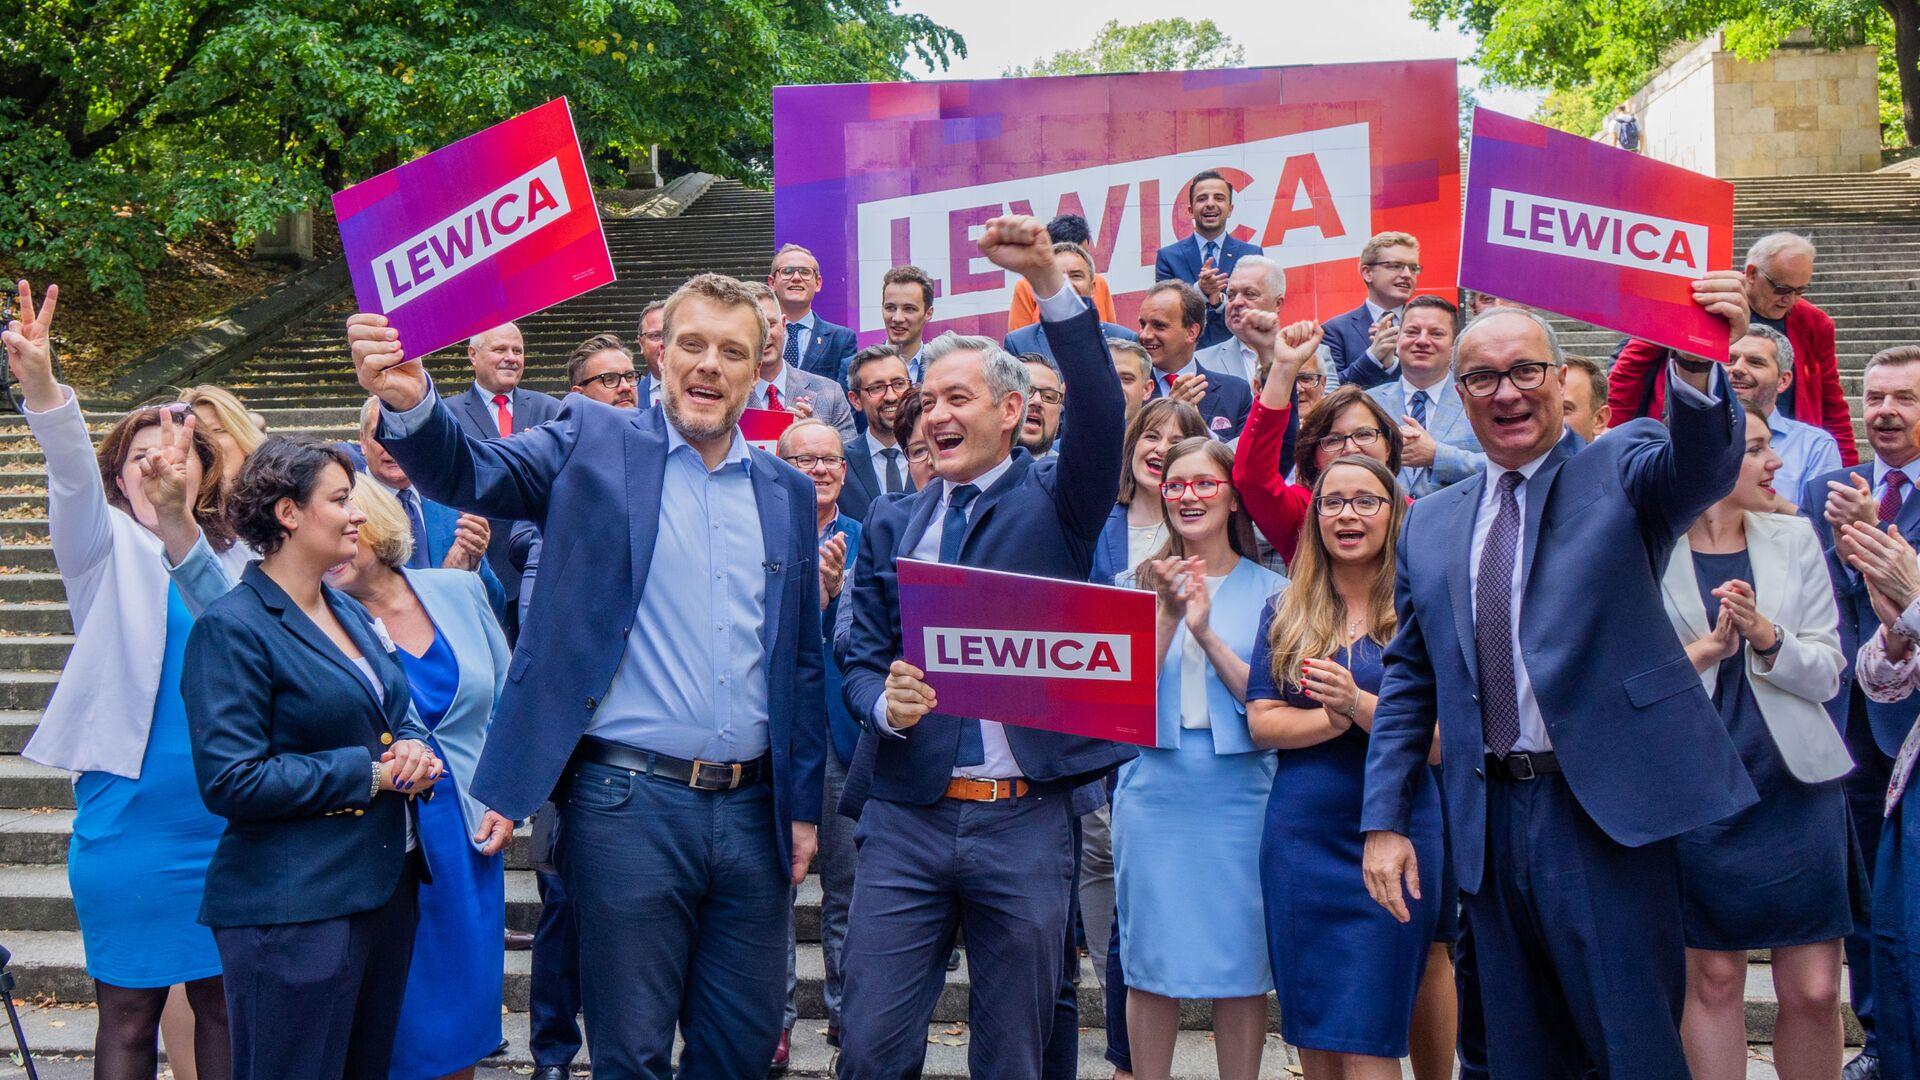 Lewica - Sputnik Polska, 1920, 07.10.2021